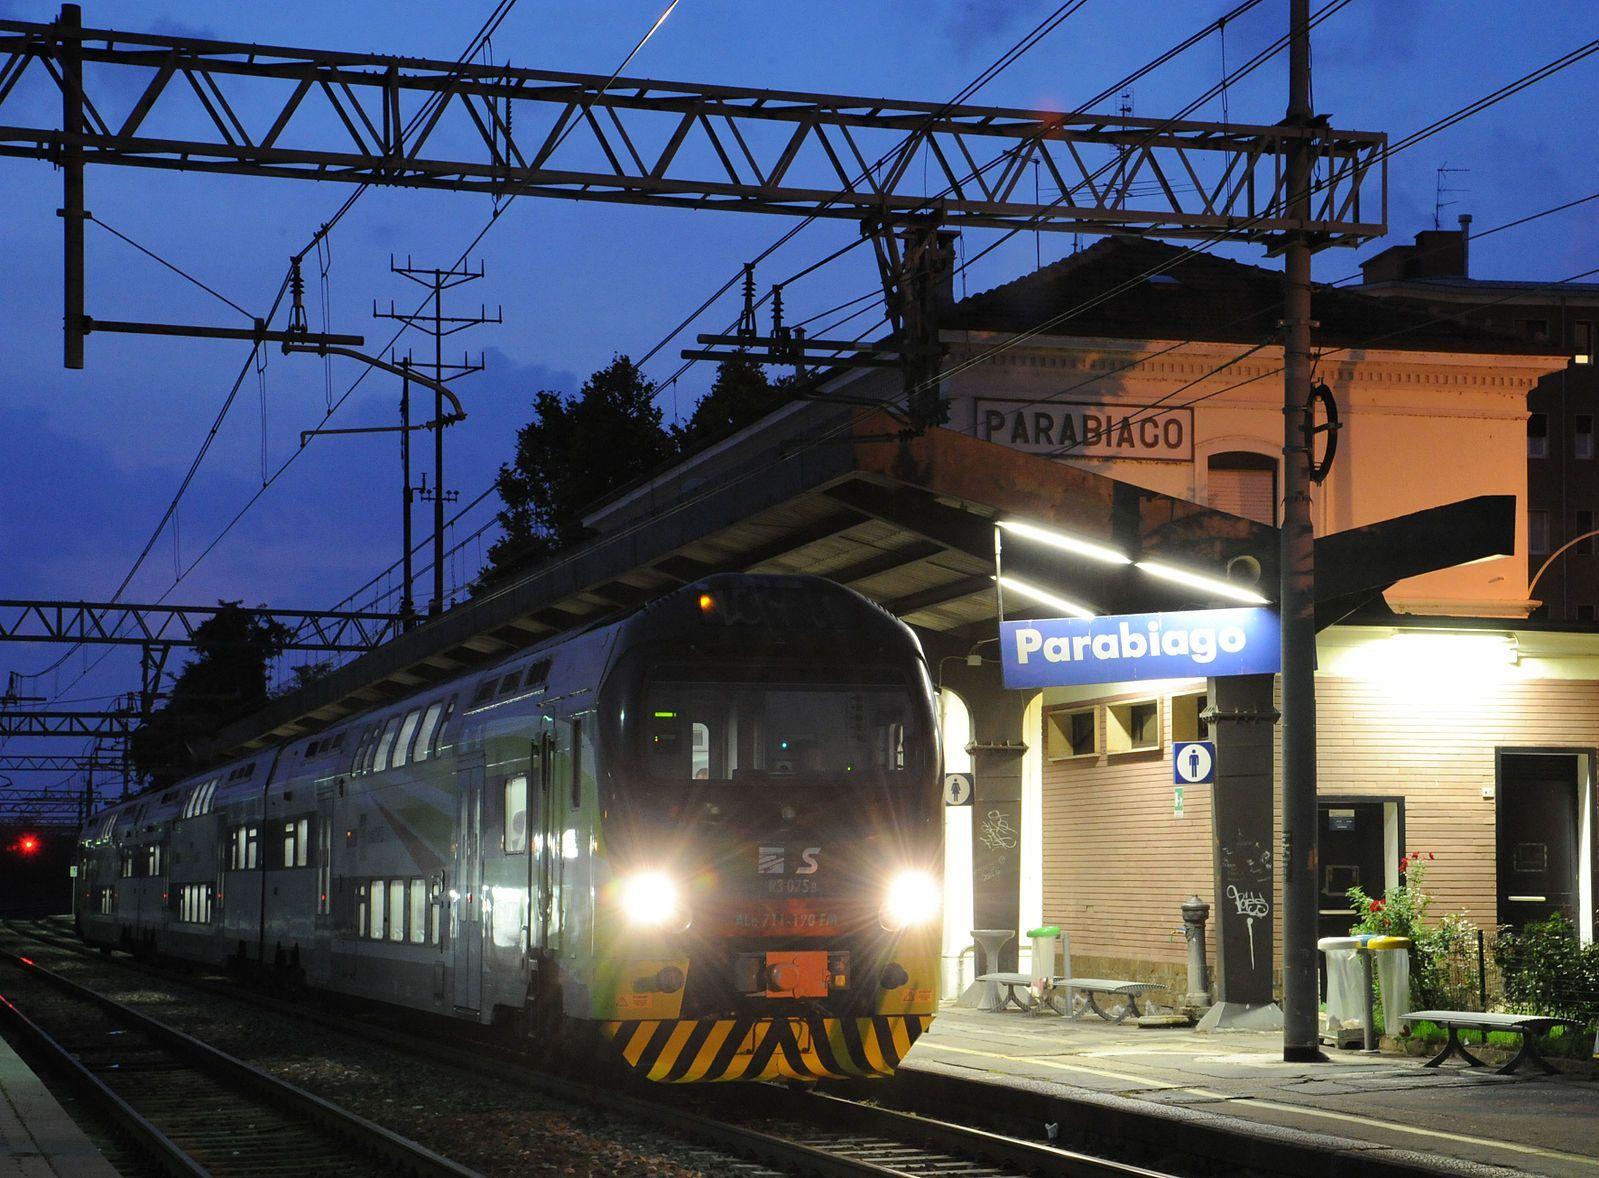 Scommessa mortale con gli amici, 15enne muore travolto dal treno